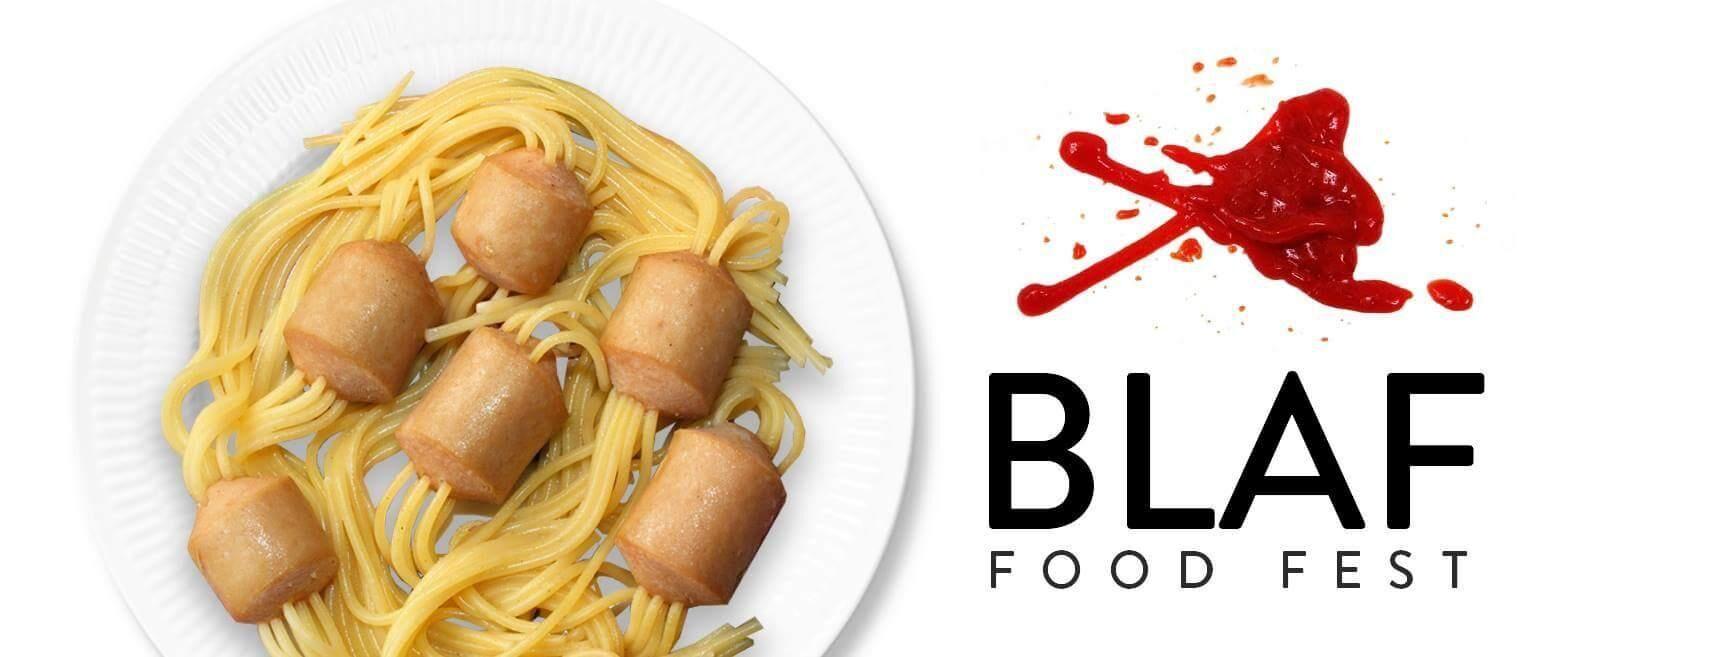 blaf food